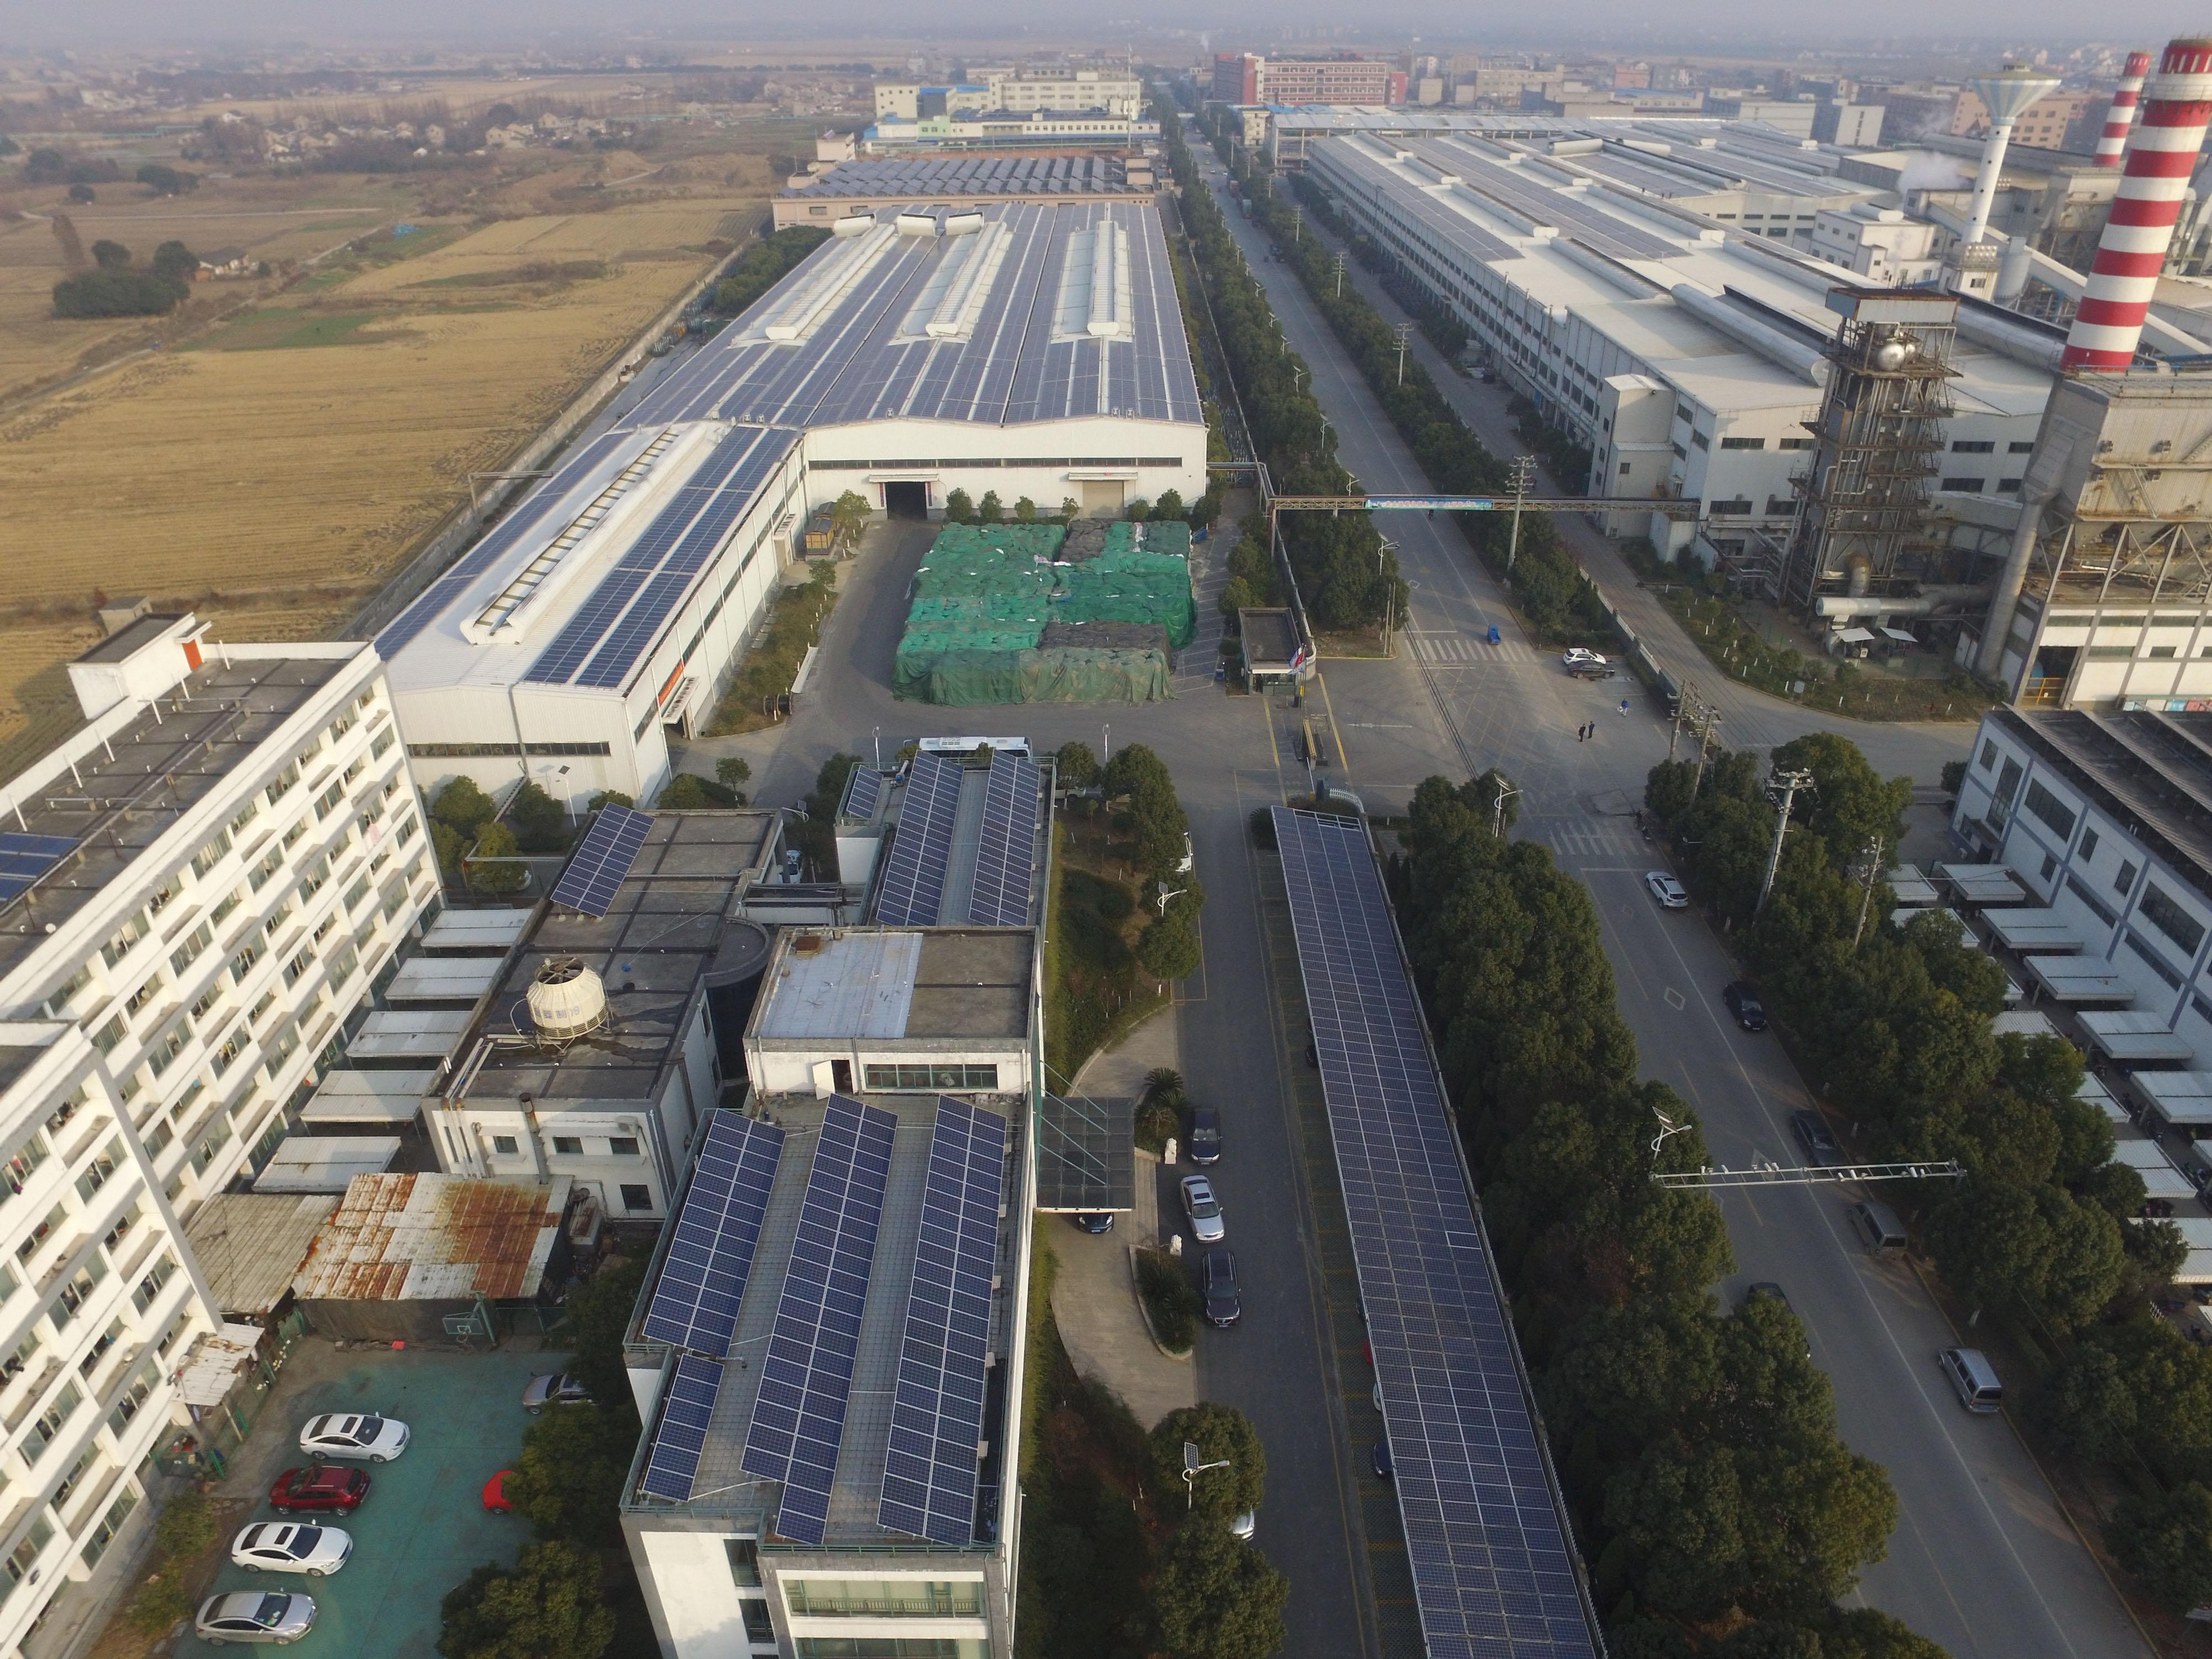 华胜龙腾携手国源设计院有限公司打造项目管理平台